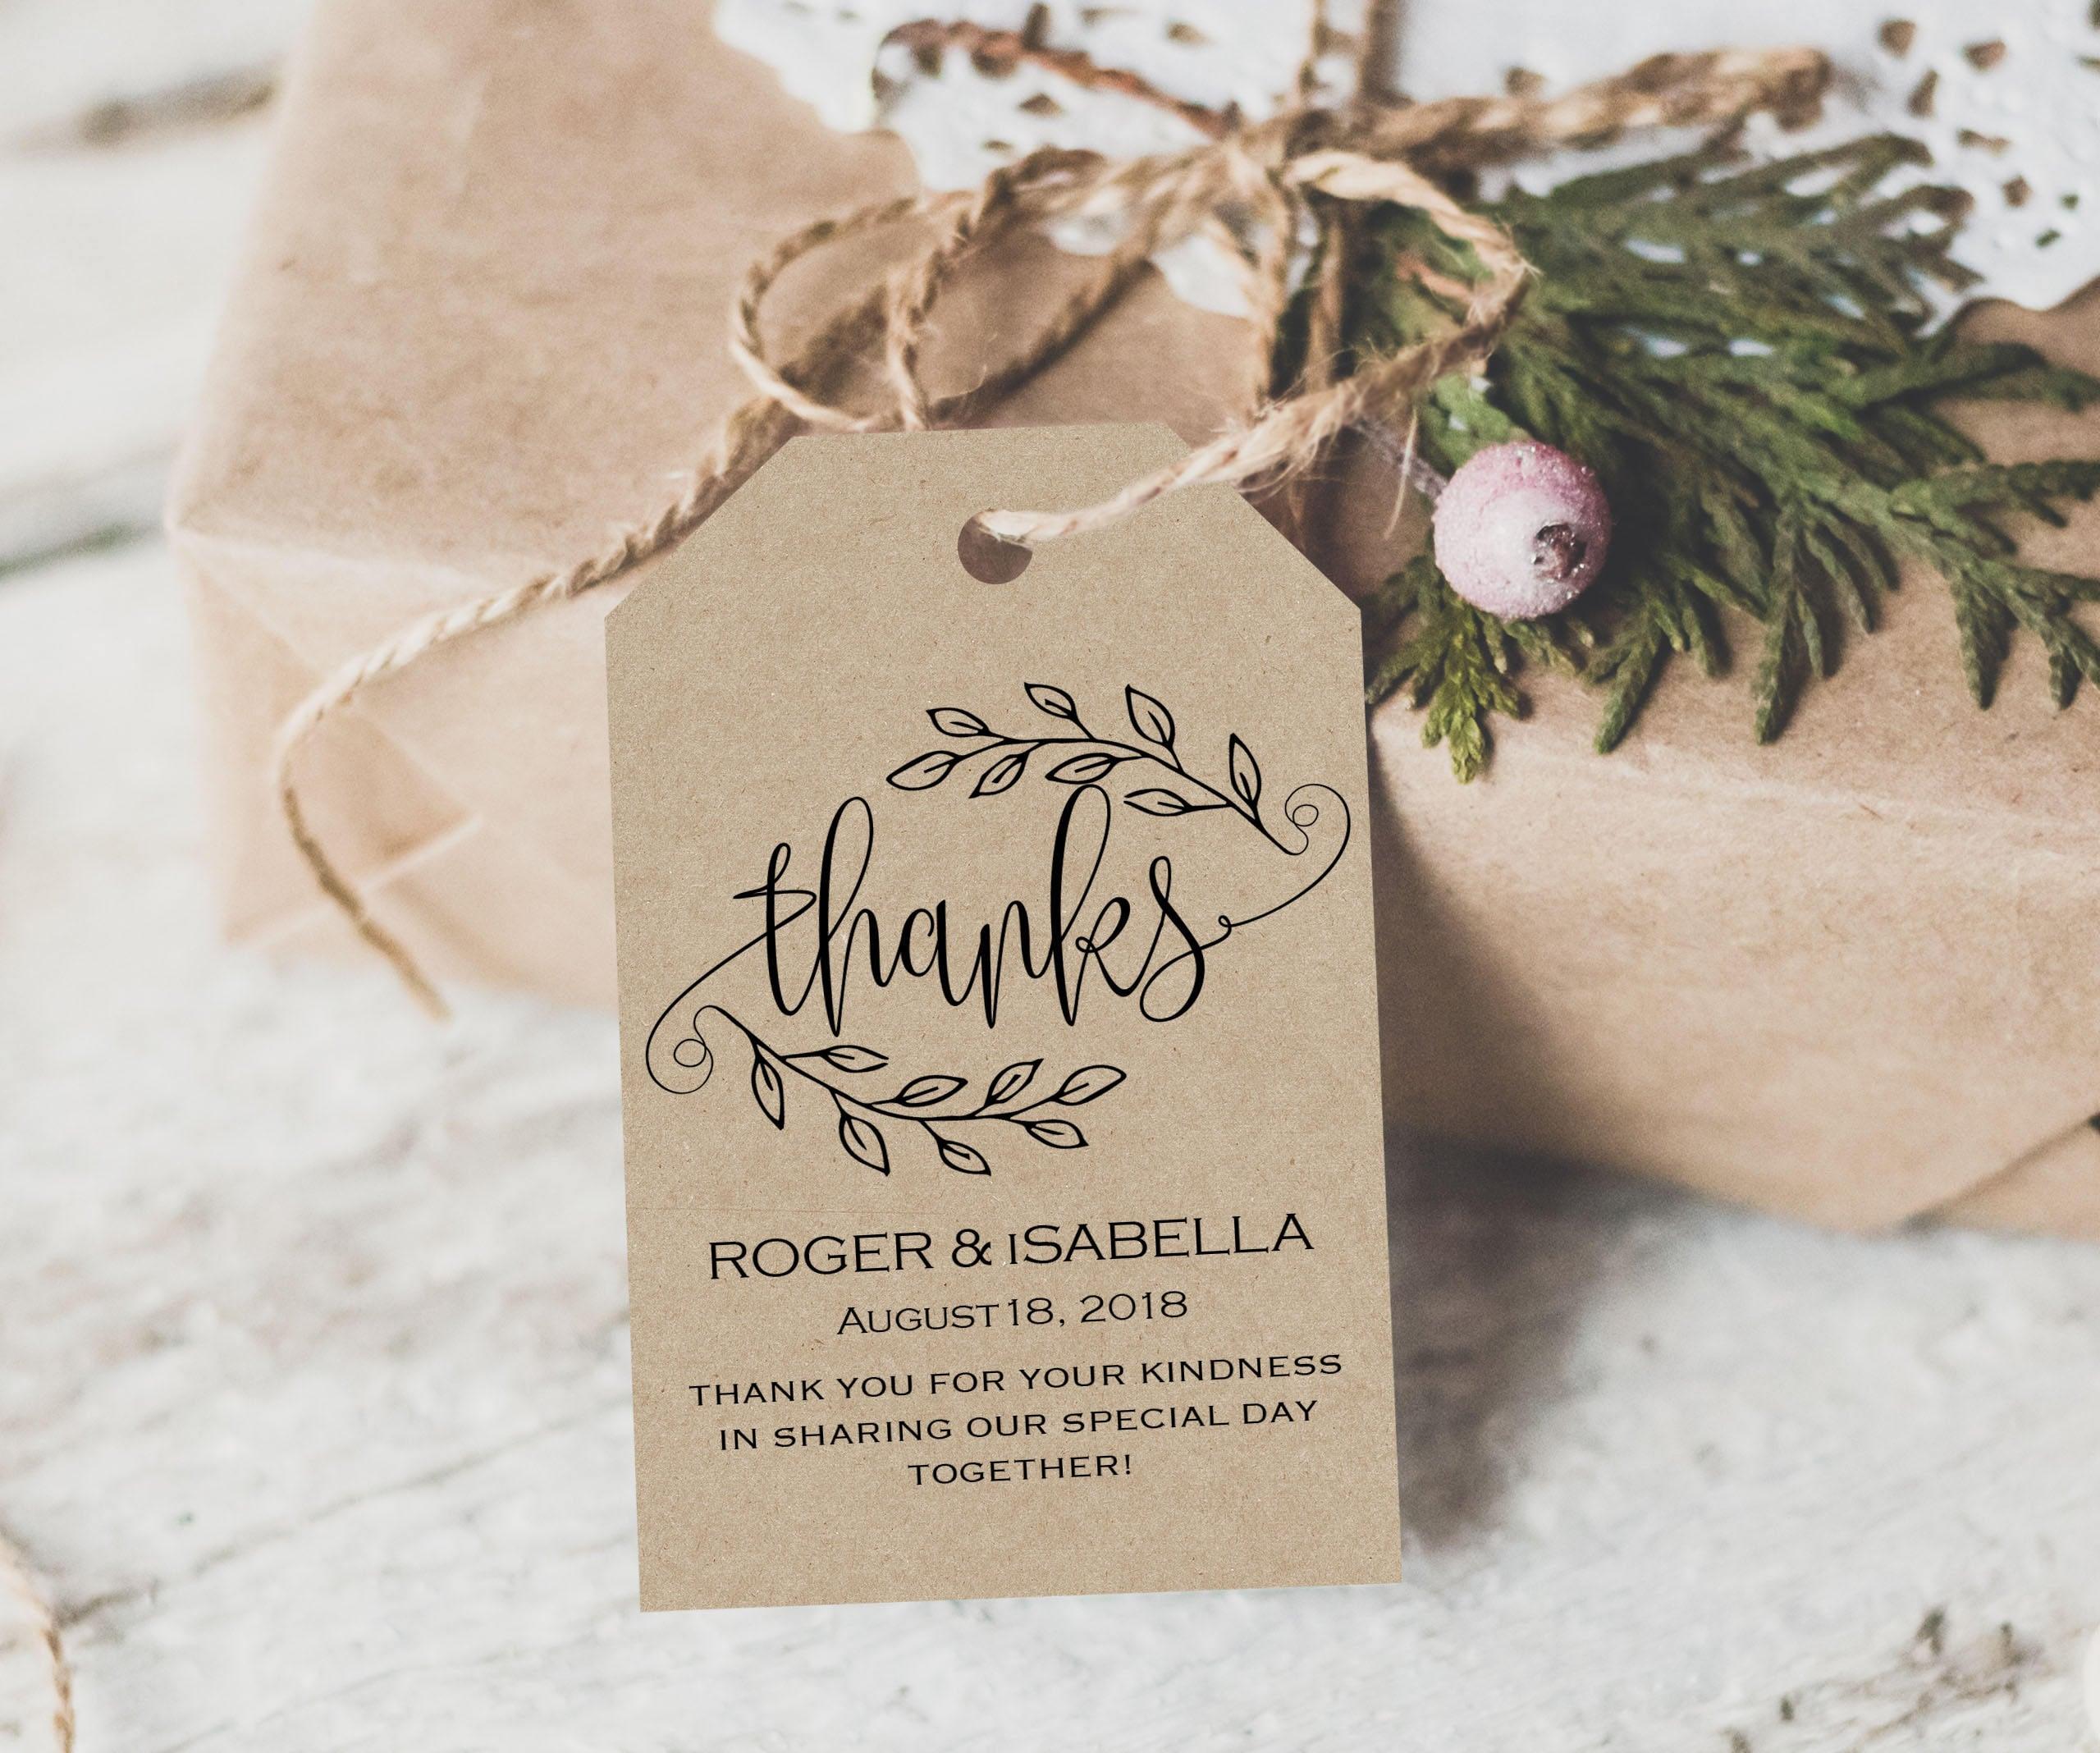 Free Printable Wedding Gift Tags: Thank You Tag Wedding Printable Gift Tags Wedding Thank